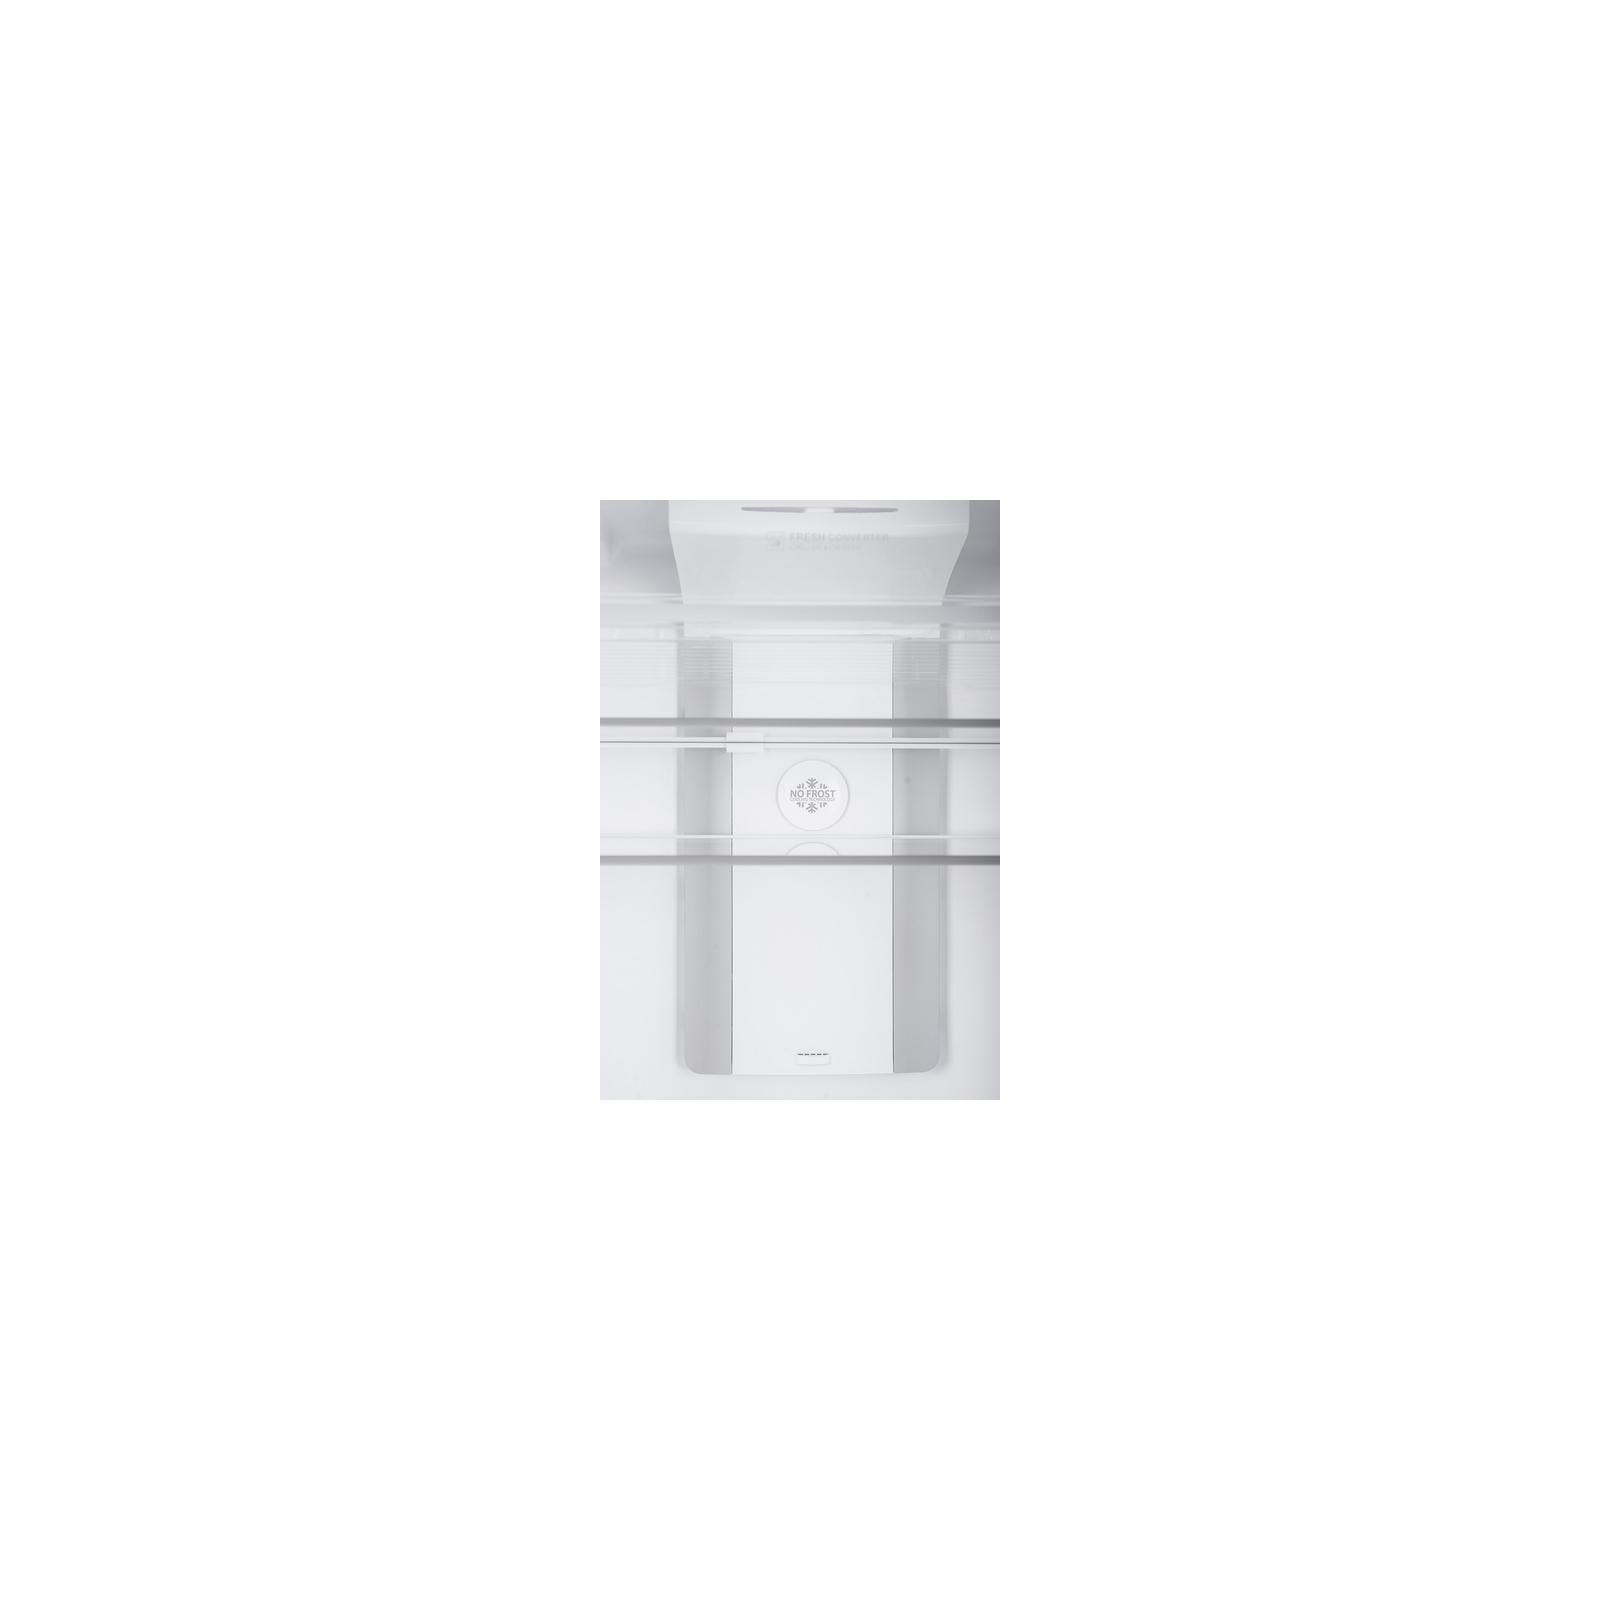 Холодильник Ergo MRN-180 INS изображение 3